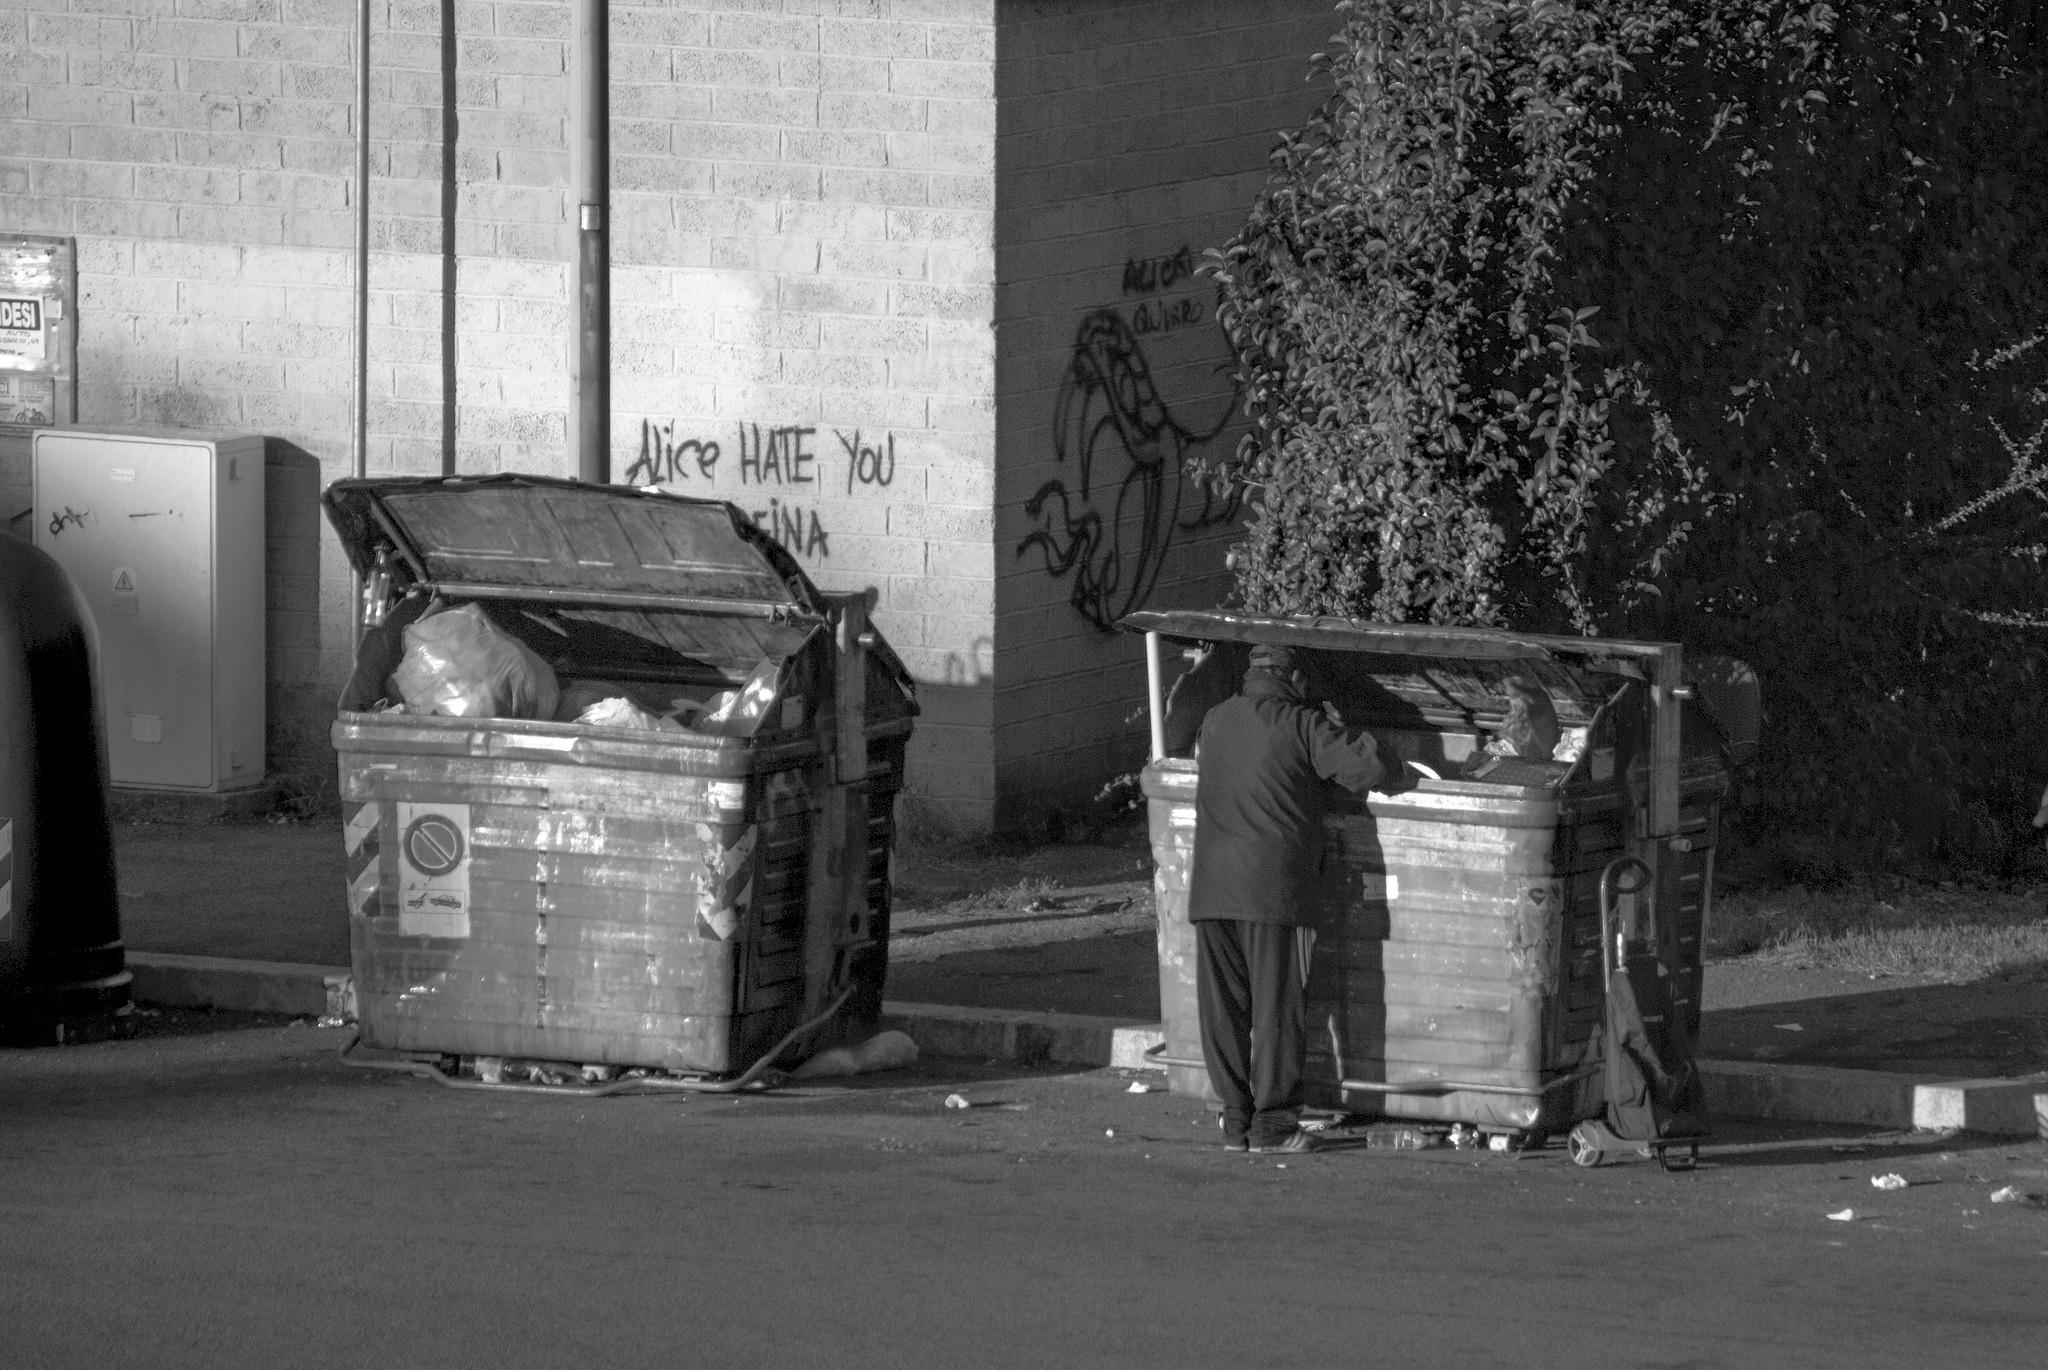 images gratuites   homme  la personne  noir et blanc  route  rue  la photographie  solitude